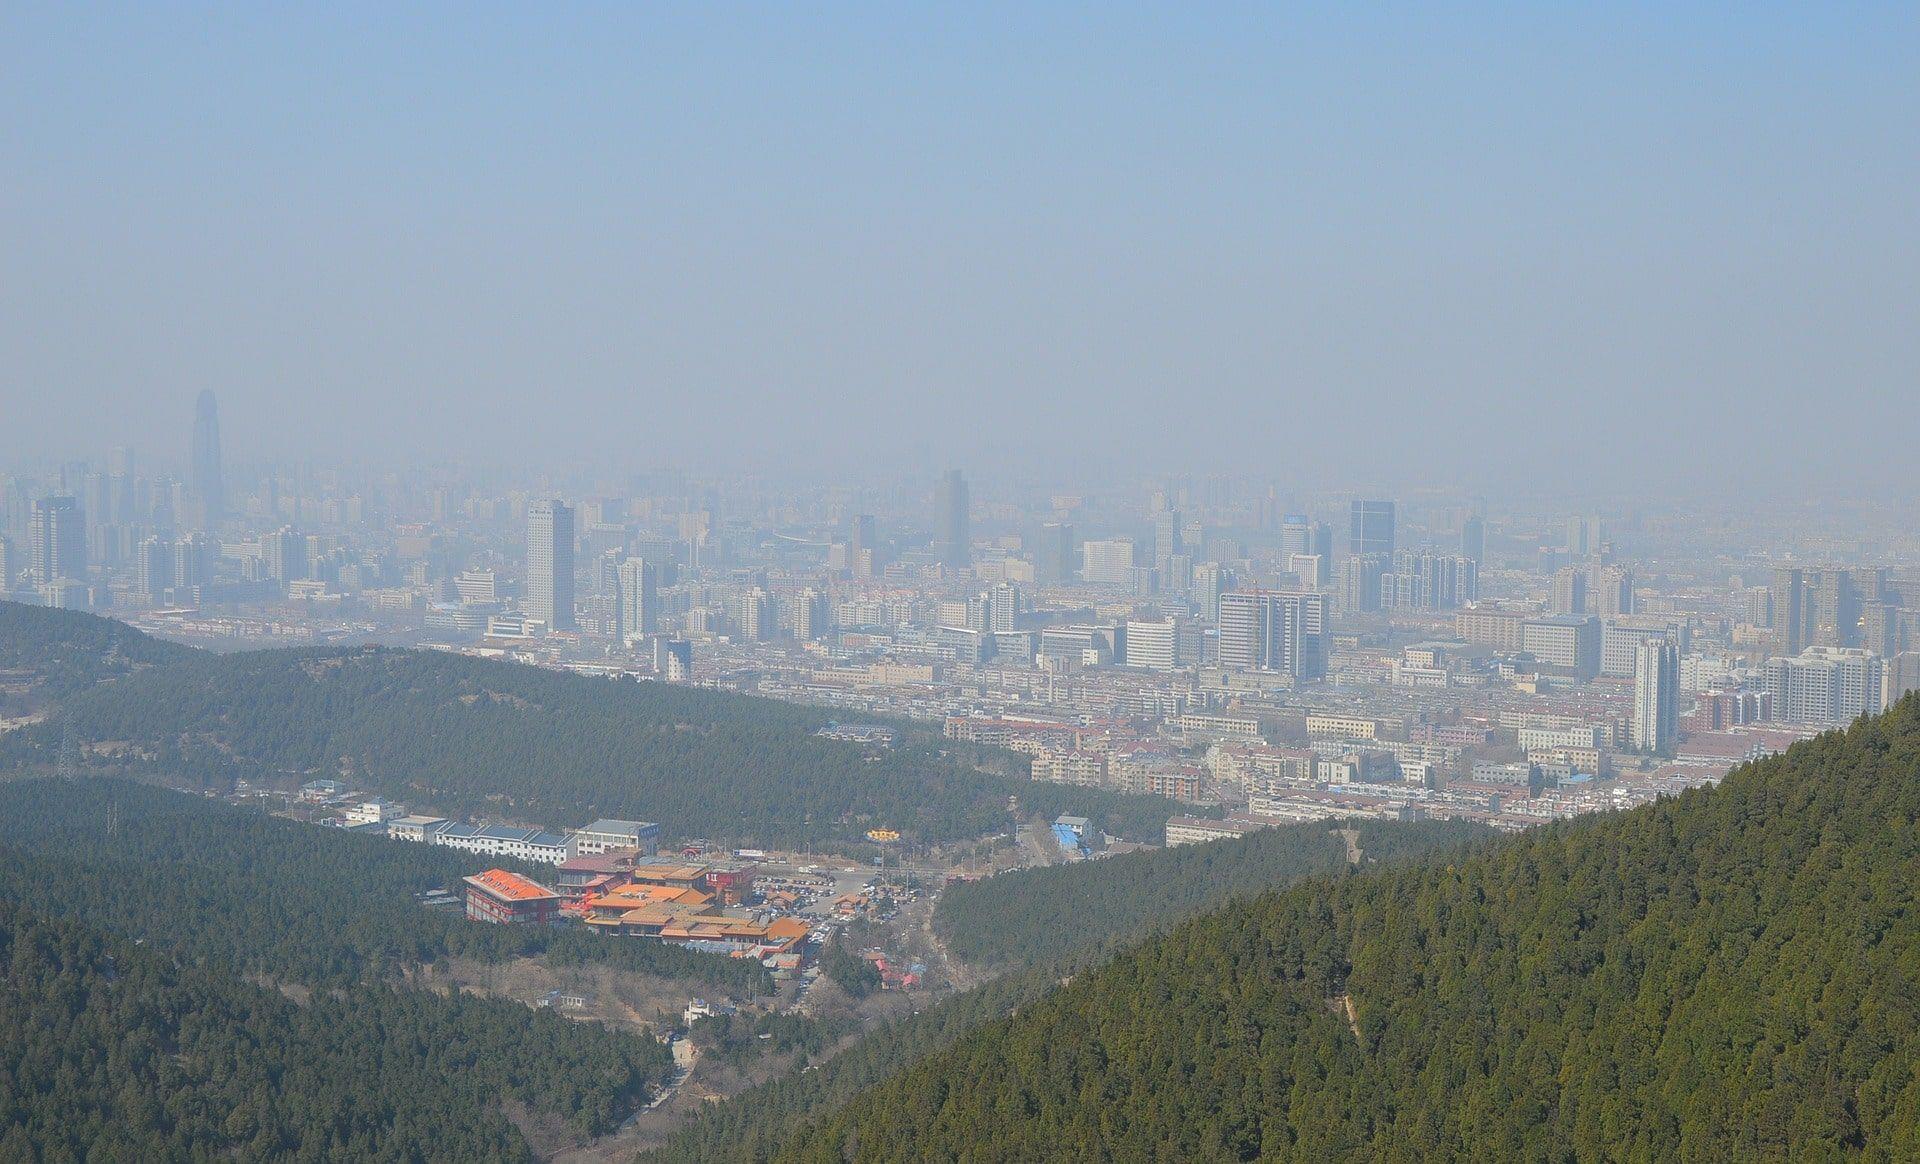 emergencia climatica - nube de contaminacion en china